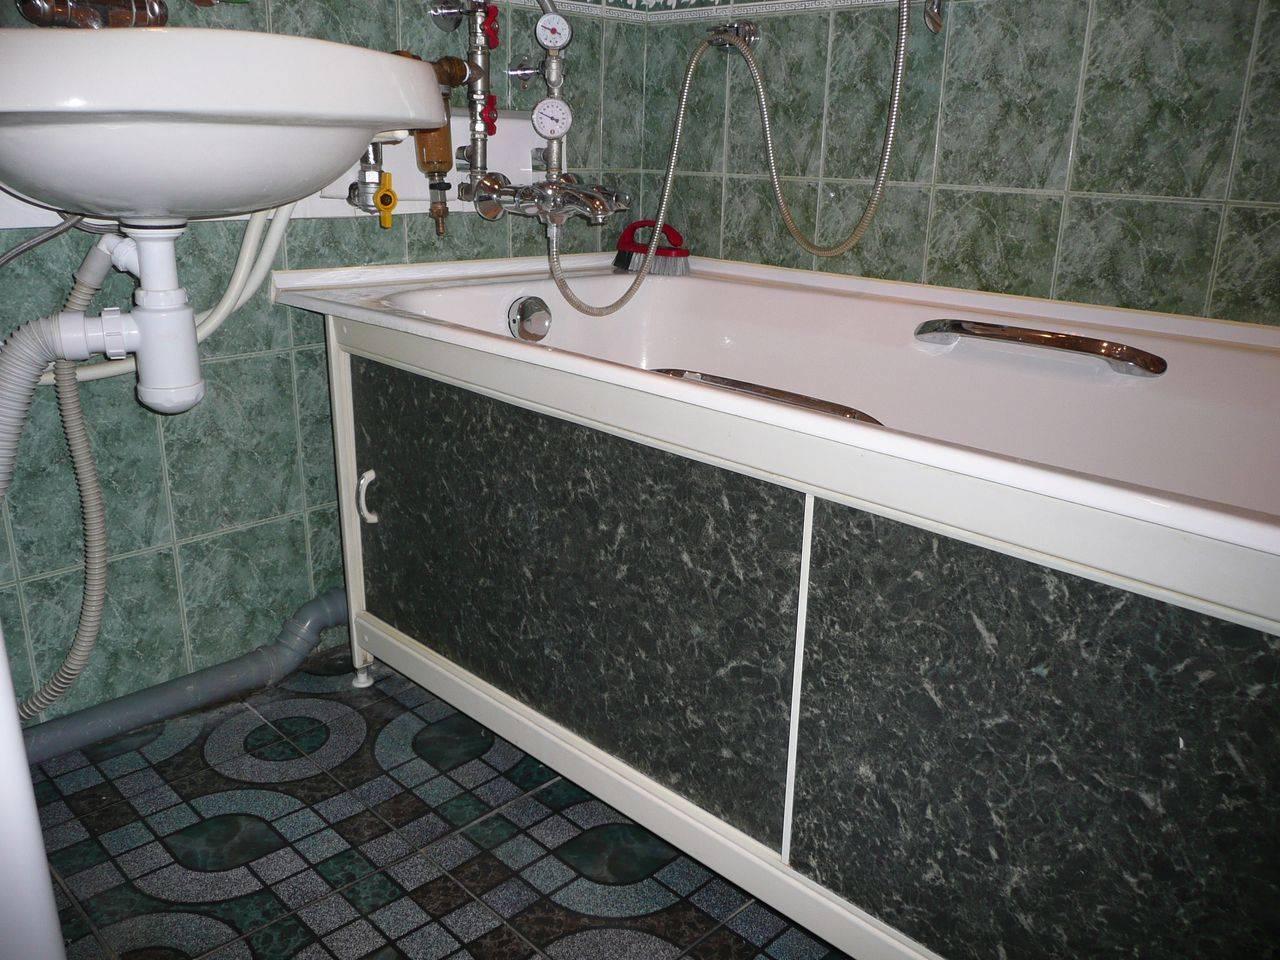 Как сделать экран под ванну своими руками – варианты конструкций, правила крепления, монтажа, установки